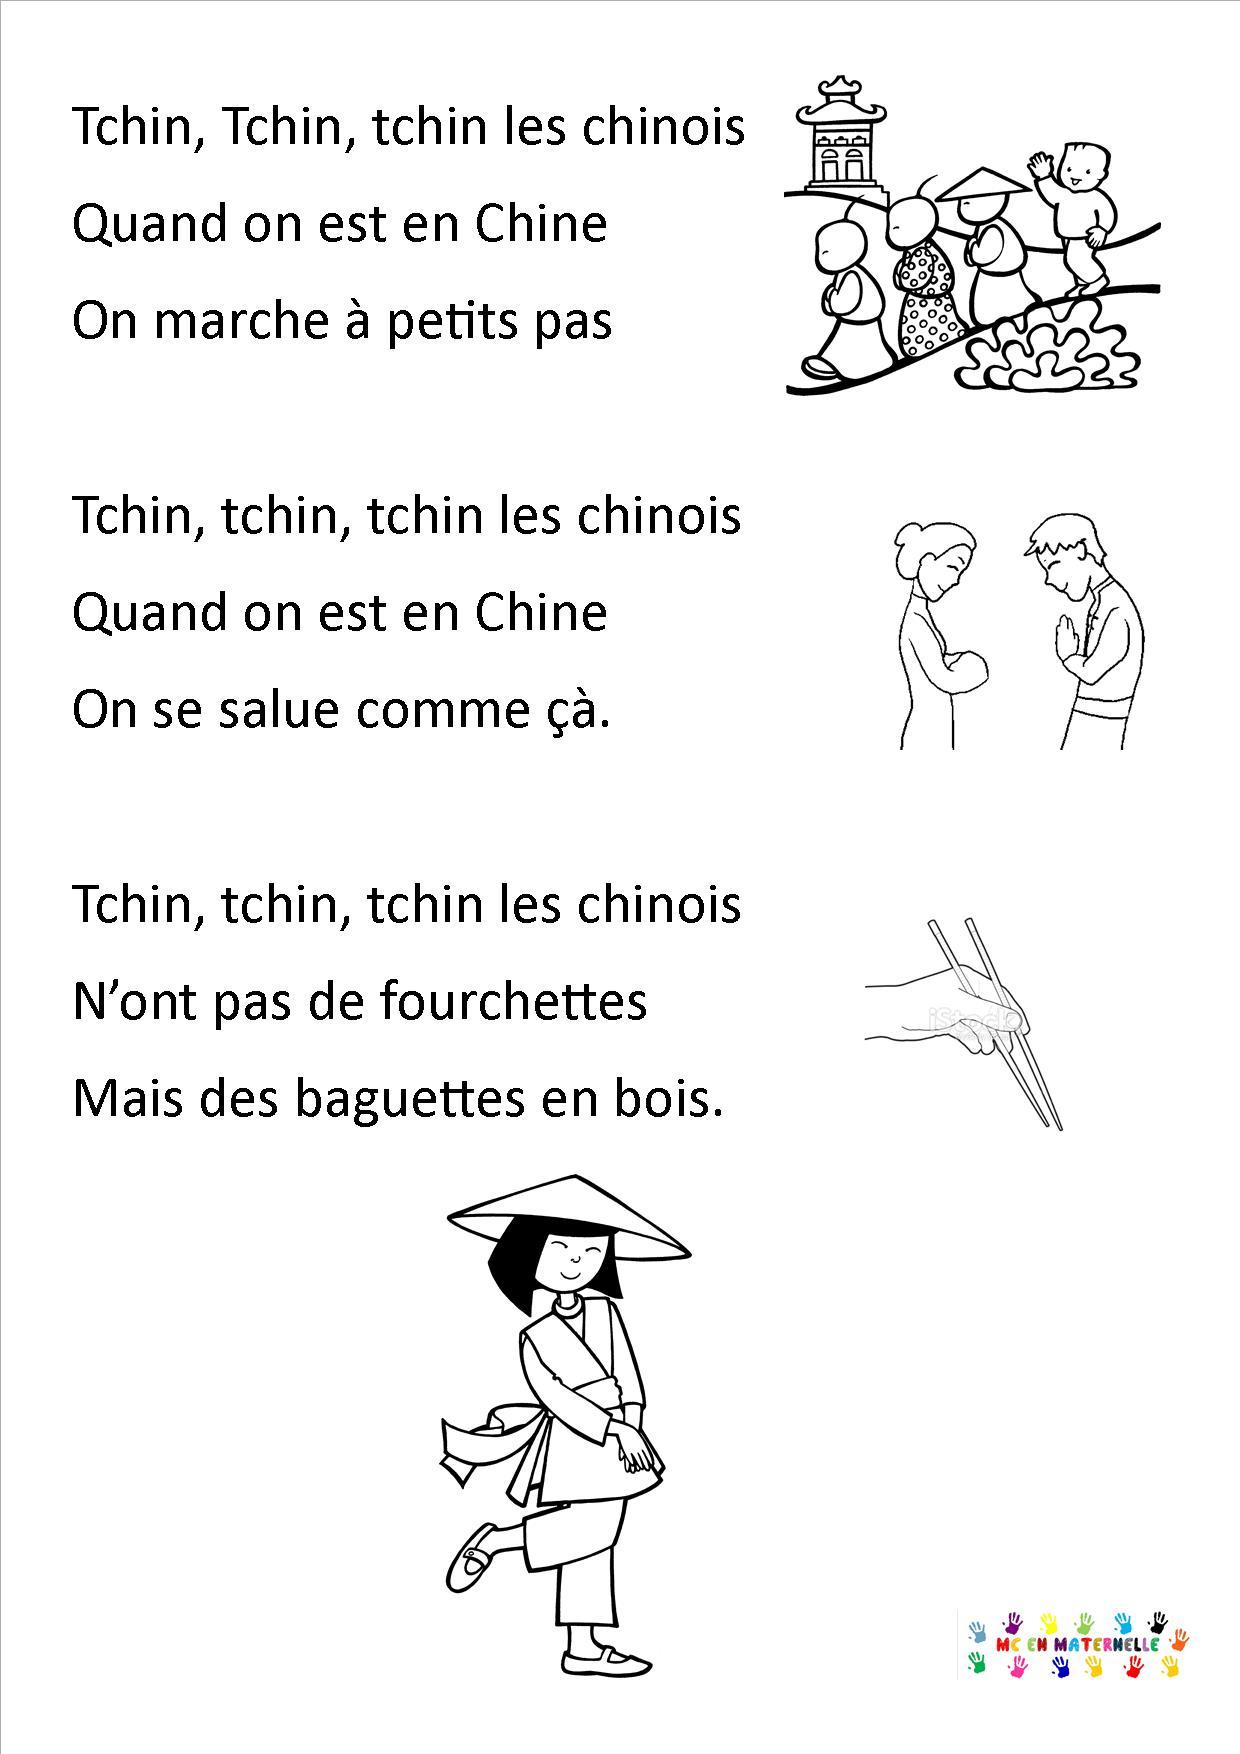 Tchin, Tchin, Tchin Les Chinois – Mc En Maternelle destiné Chanson De Noel En Chinois